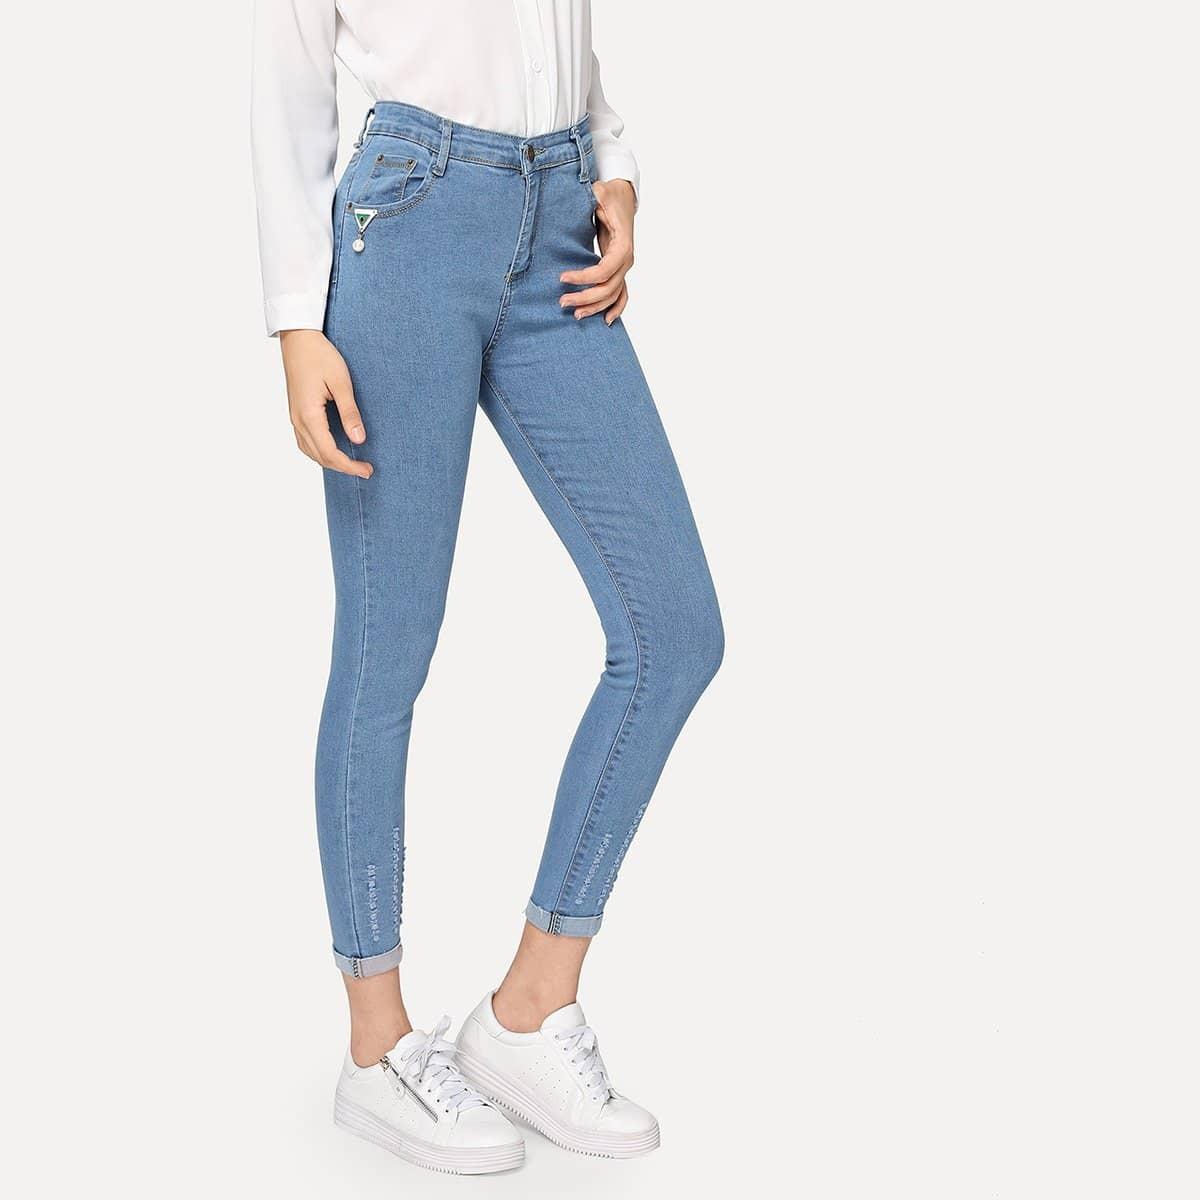 Gescheurde skinny jeans met opgerolde pijpen